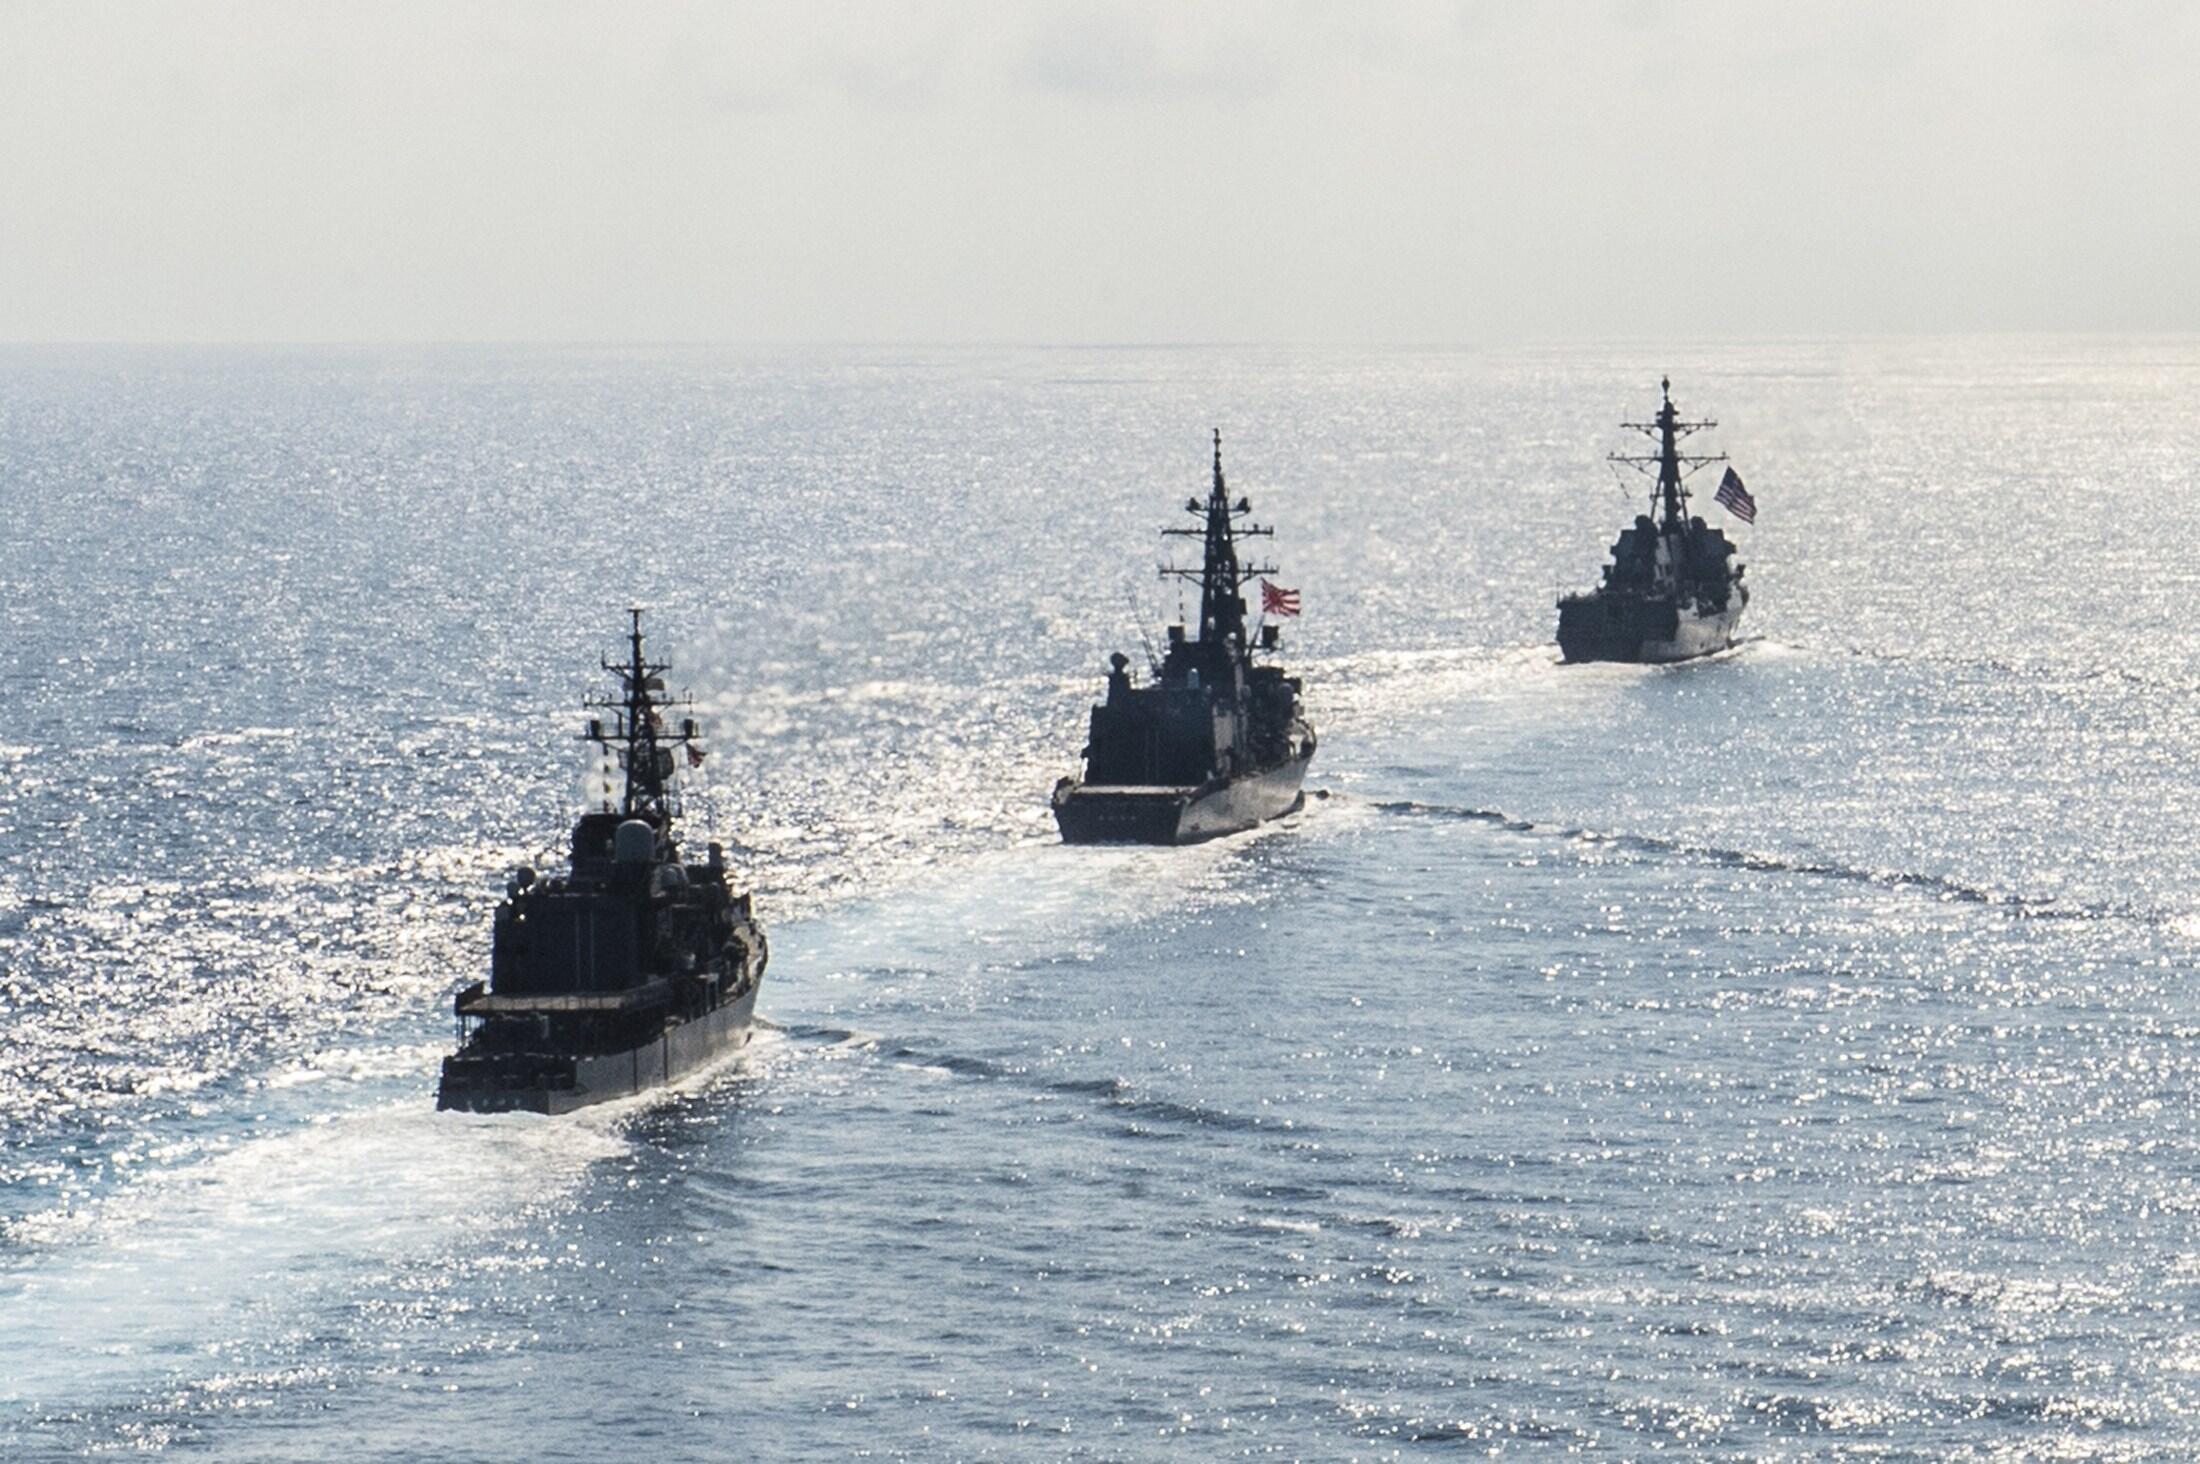 Tàu khu trục Mỹ USS Mustin (DDG 89) cùng tàu Nhật Bản JS Kirisame (DD 104) và JS Asayuki (DD 132) trong cuộc thao diễn ở Biển Đông 21/04/2015.